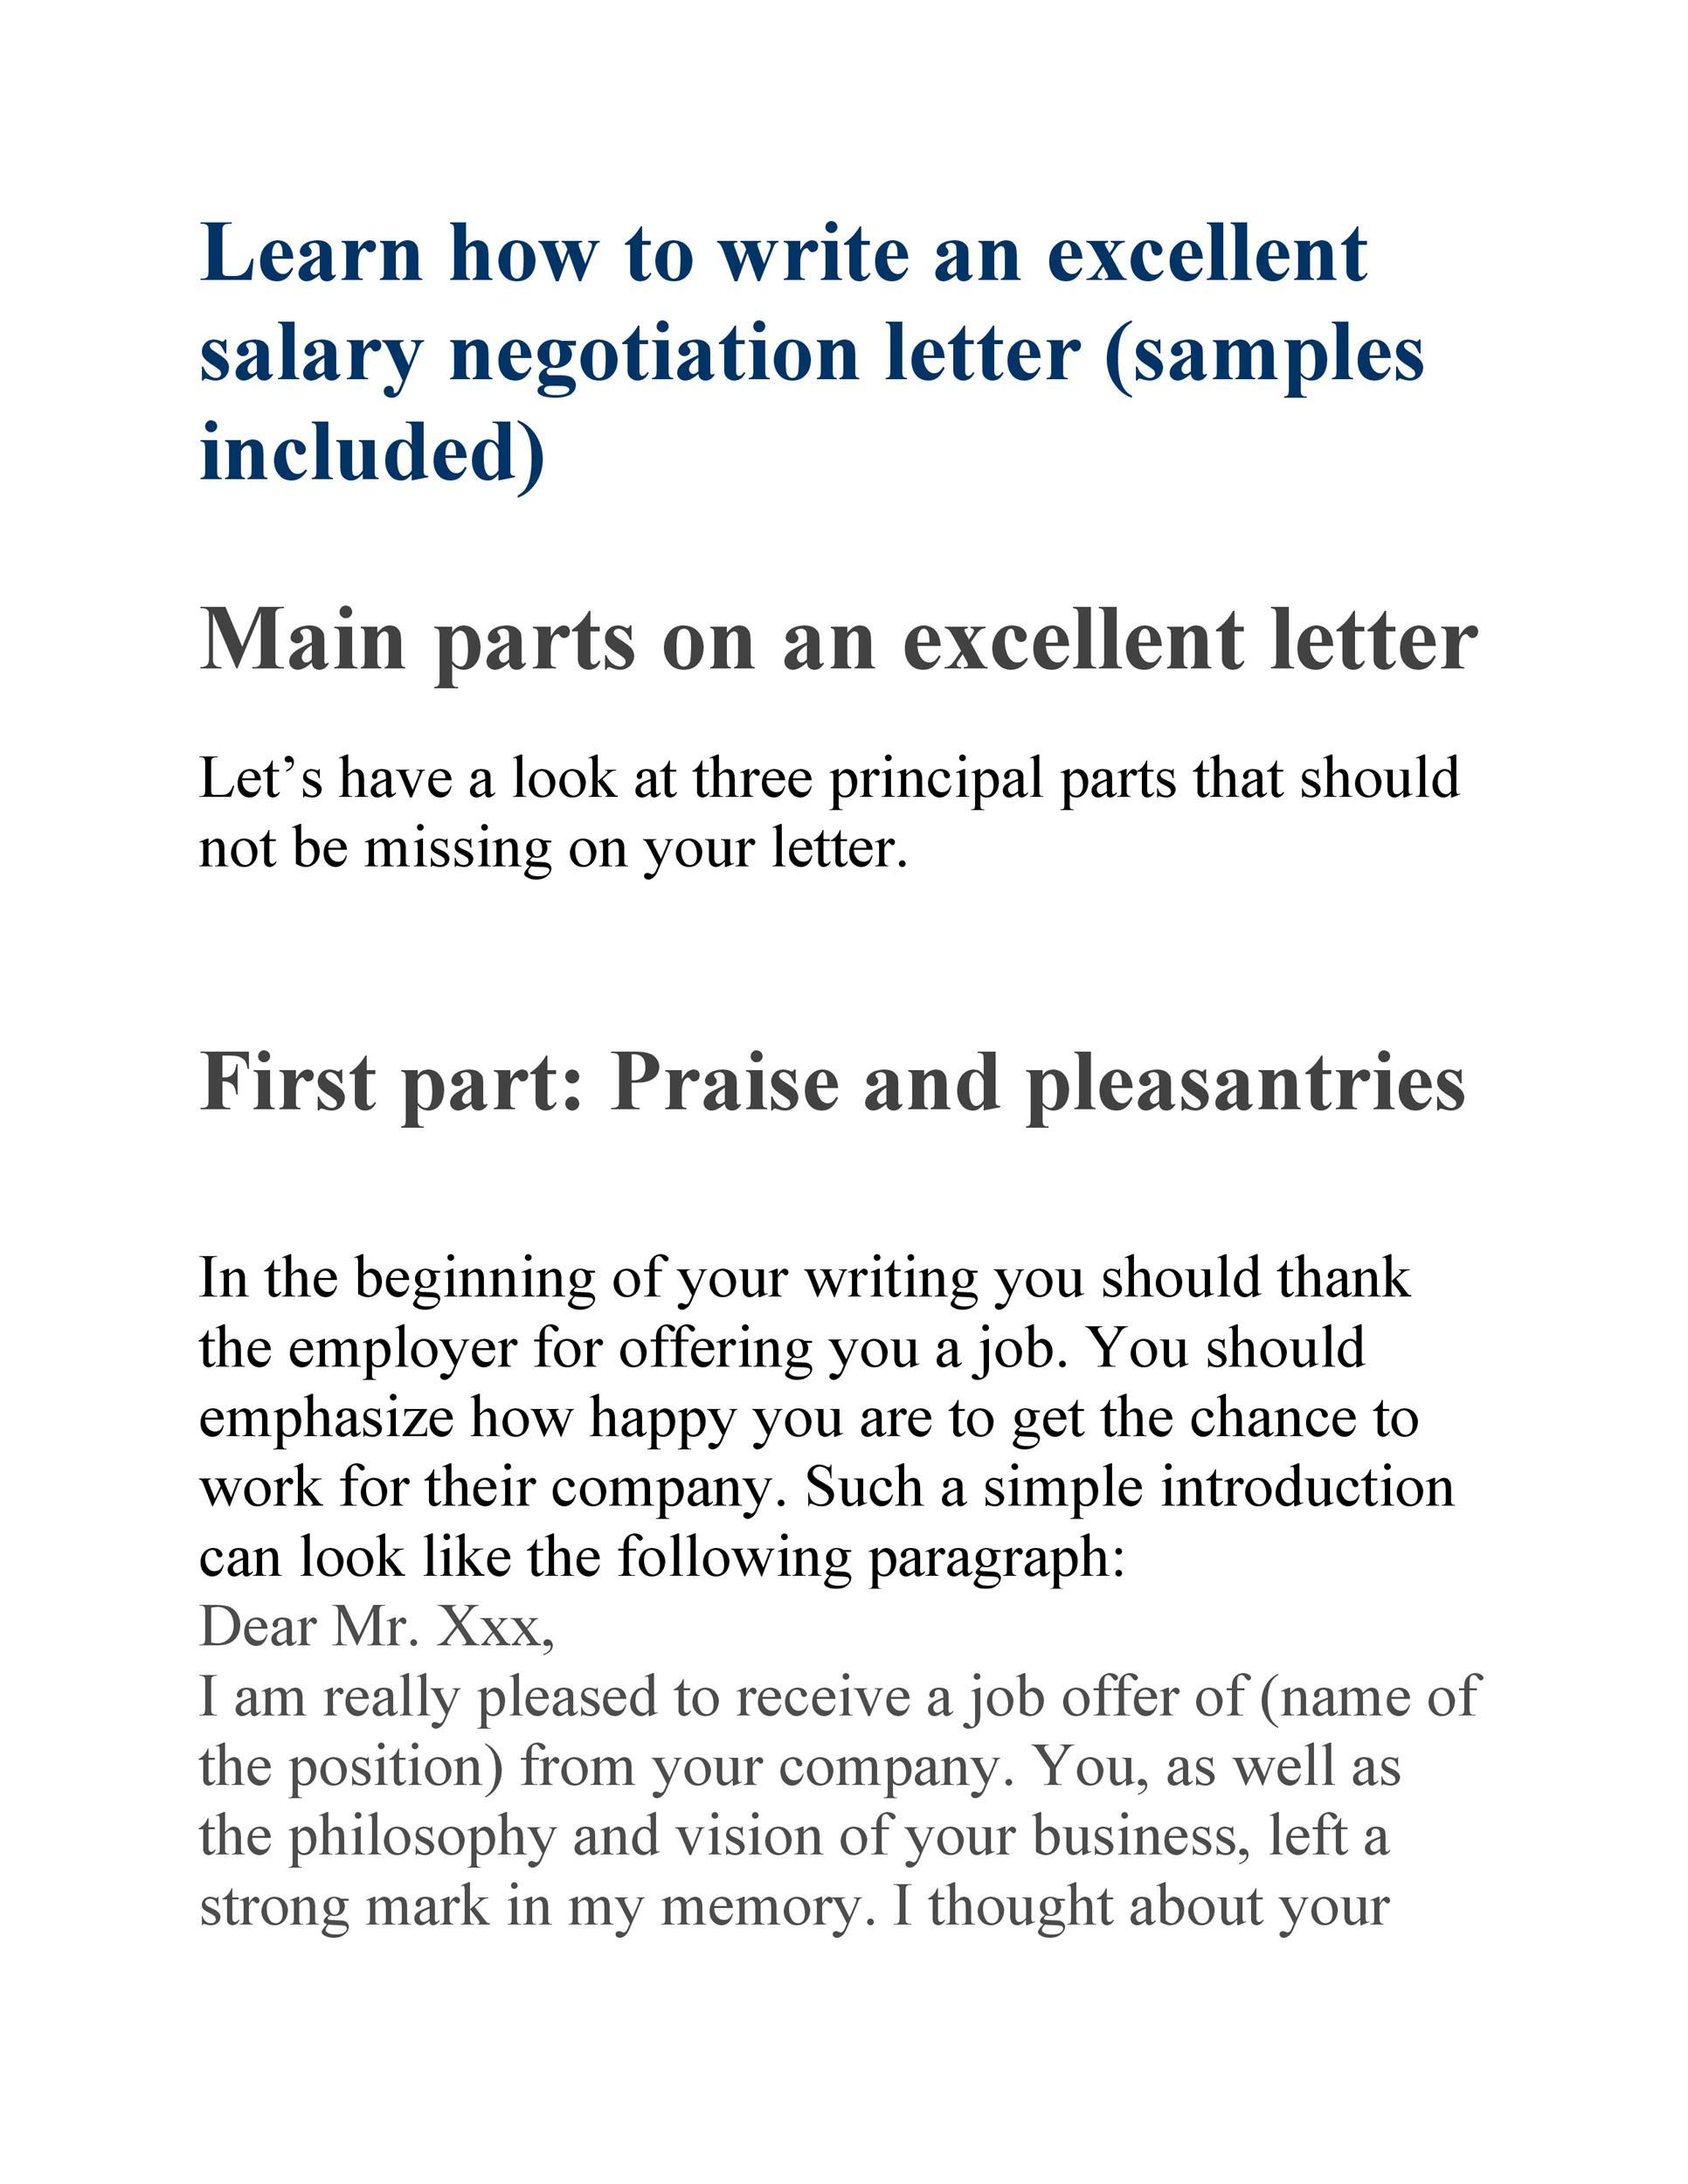 Lettre gratuite sur les négociations salariales 17